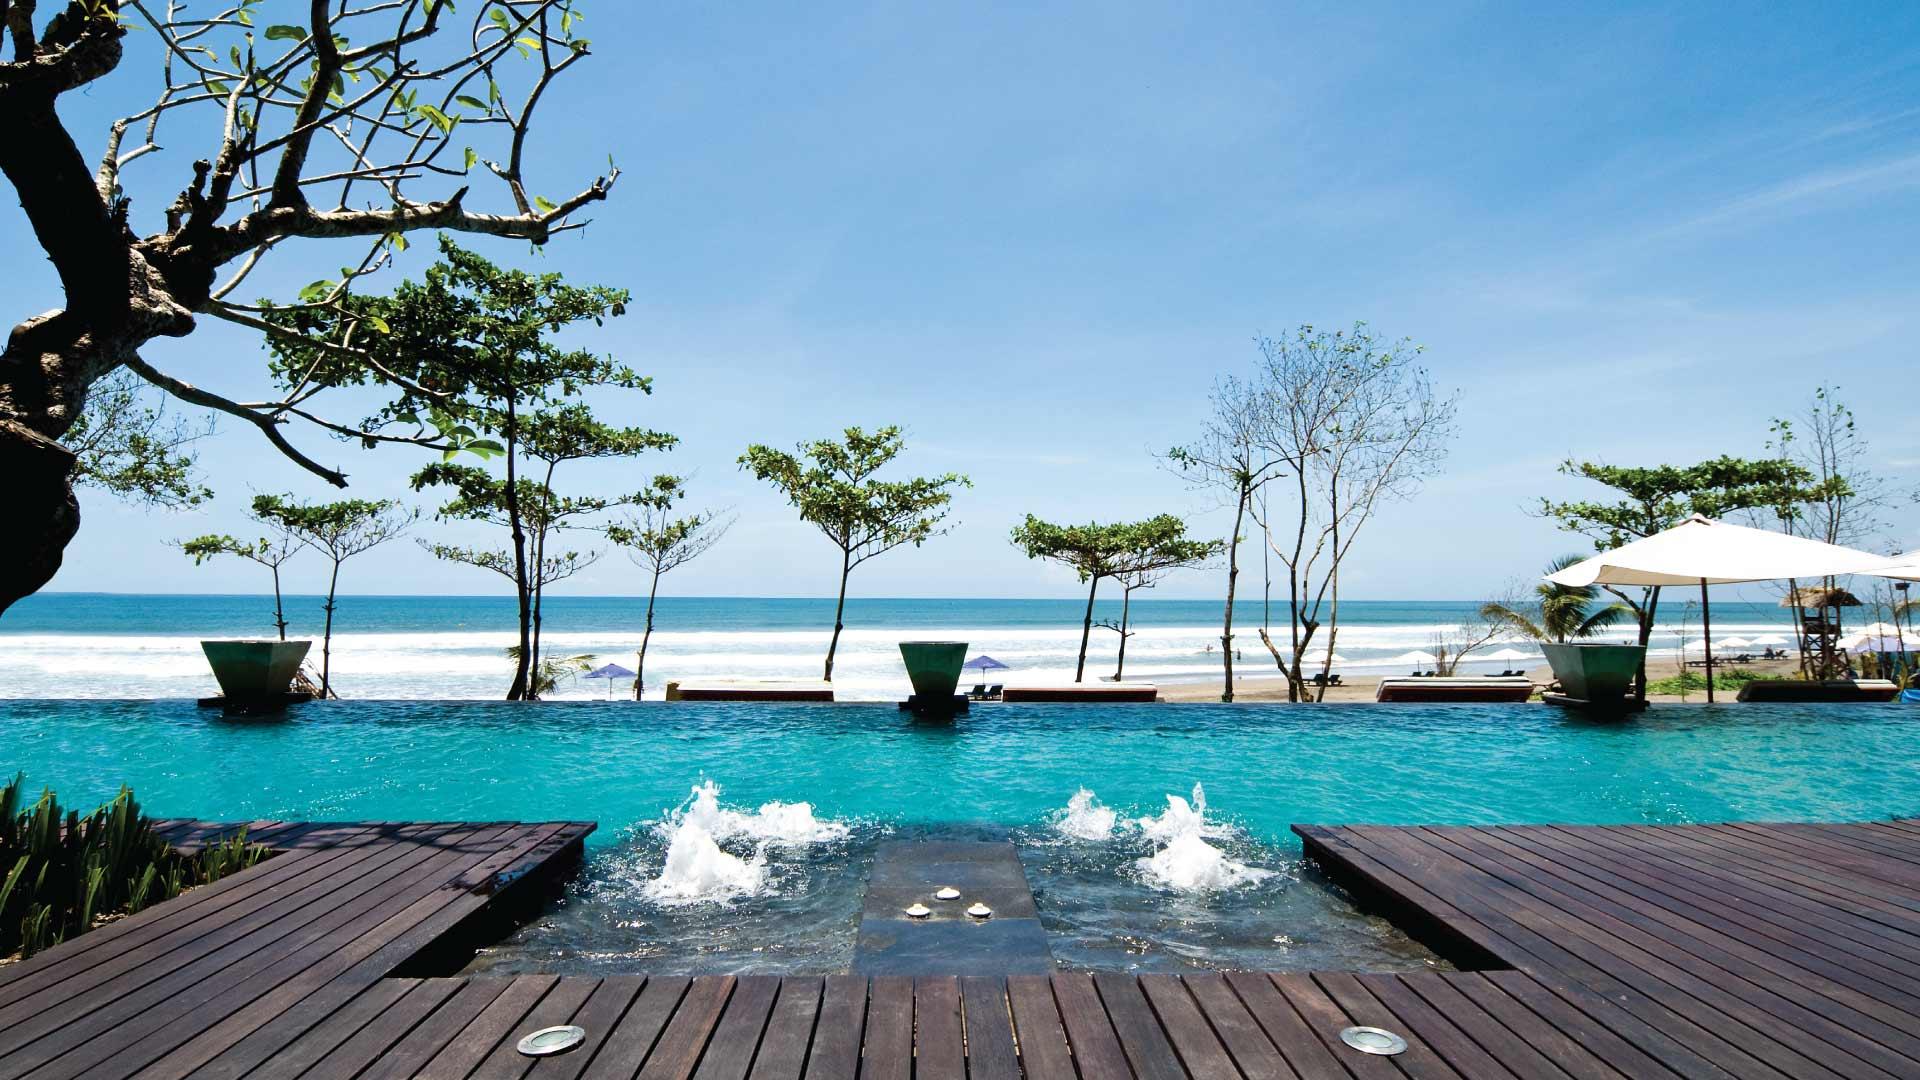 Bali Resort Hotel | Anantara Seminyak Bali Resort